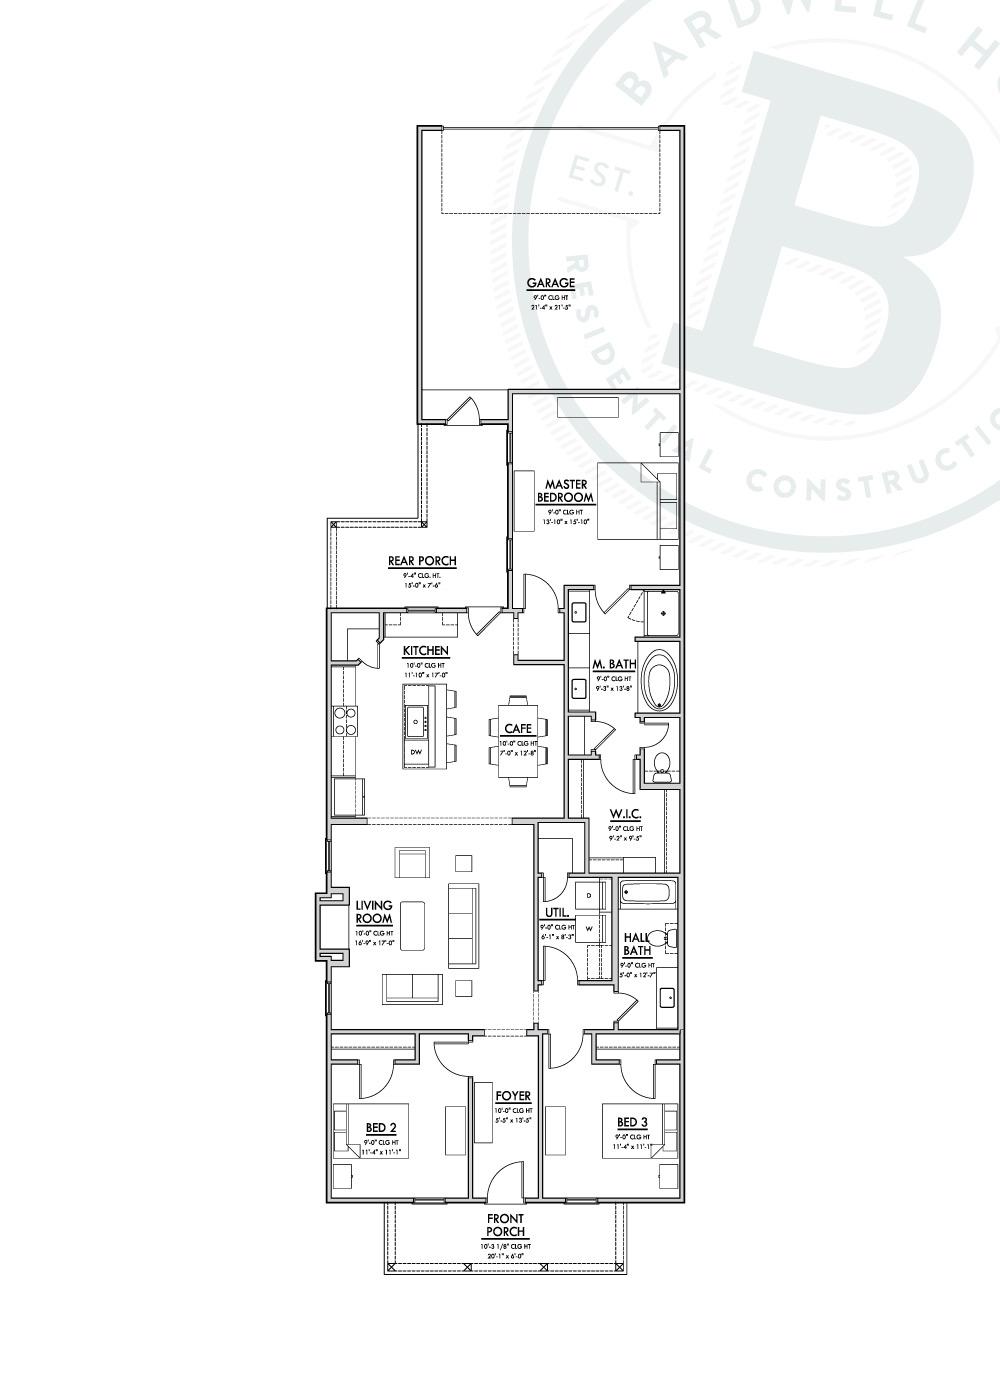 Bienville-B_Floorplan_4.26.19